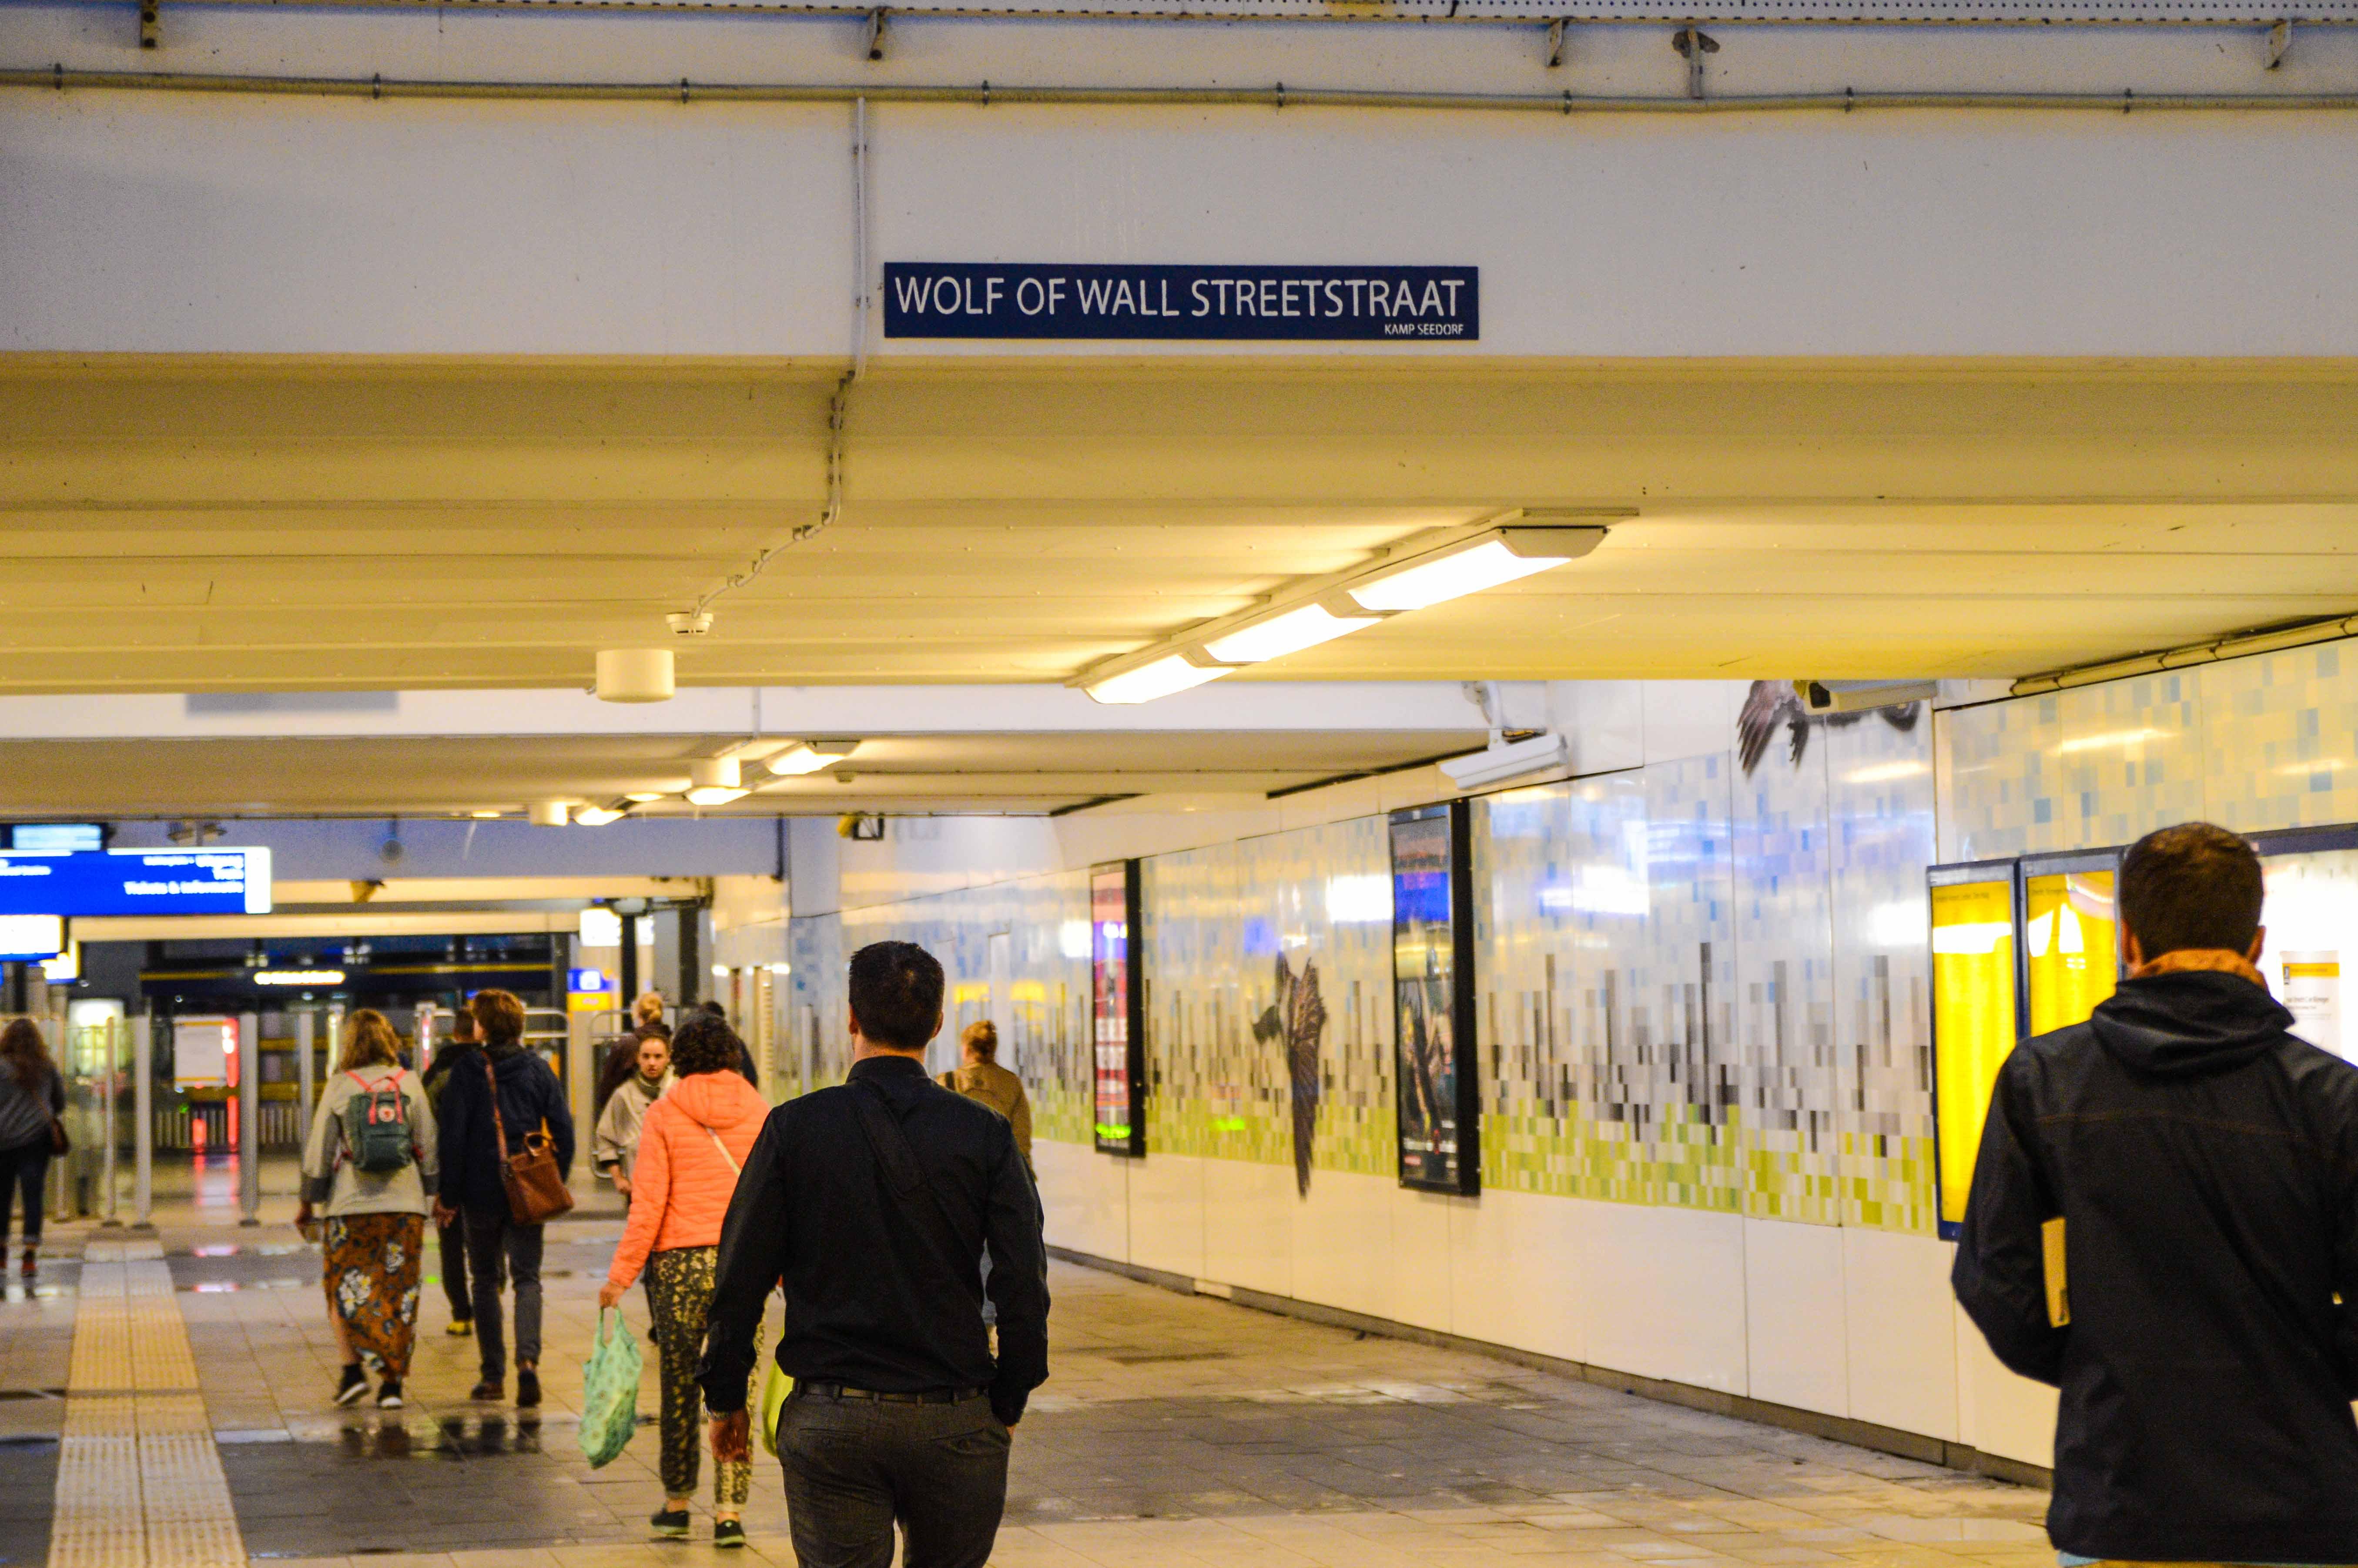 Wolfofwallstreet-streetart4